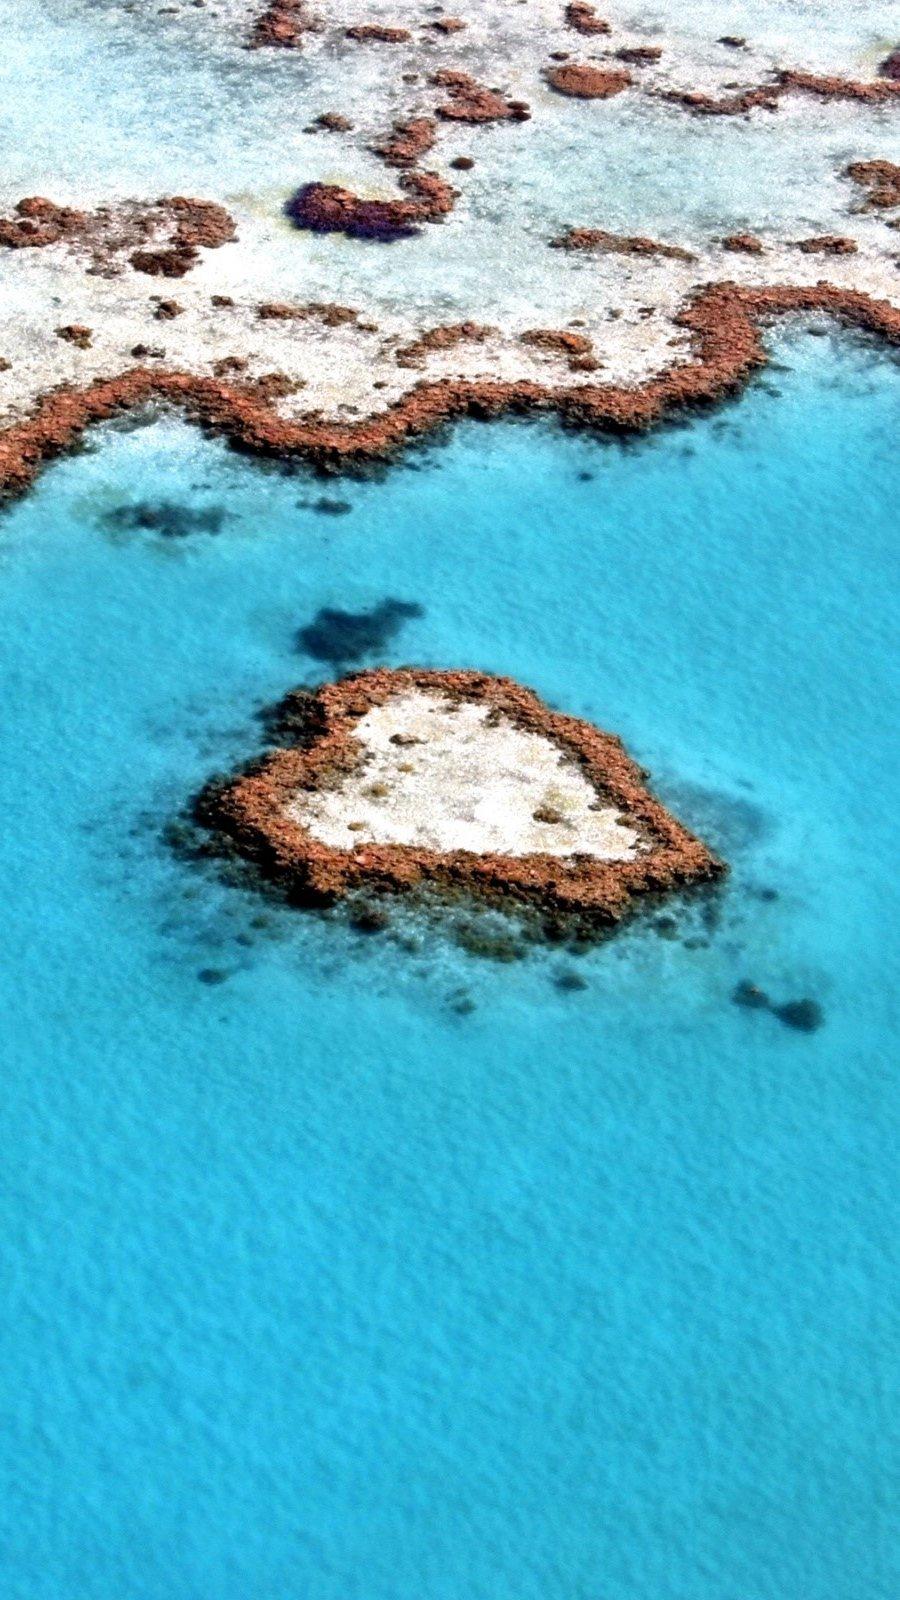 Fondos de pantalla Arrecife en forma de corazón Vertical